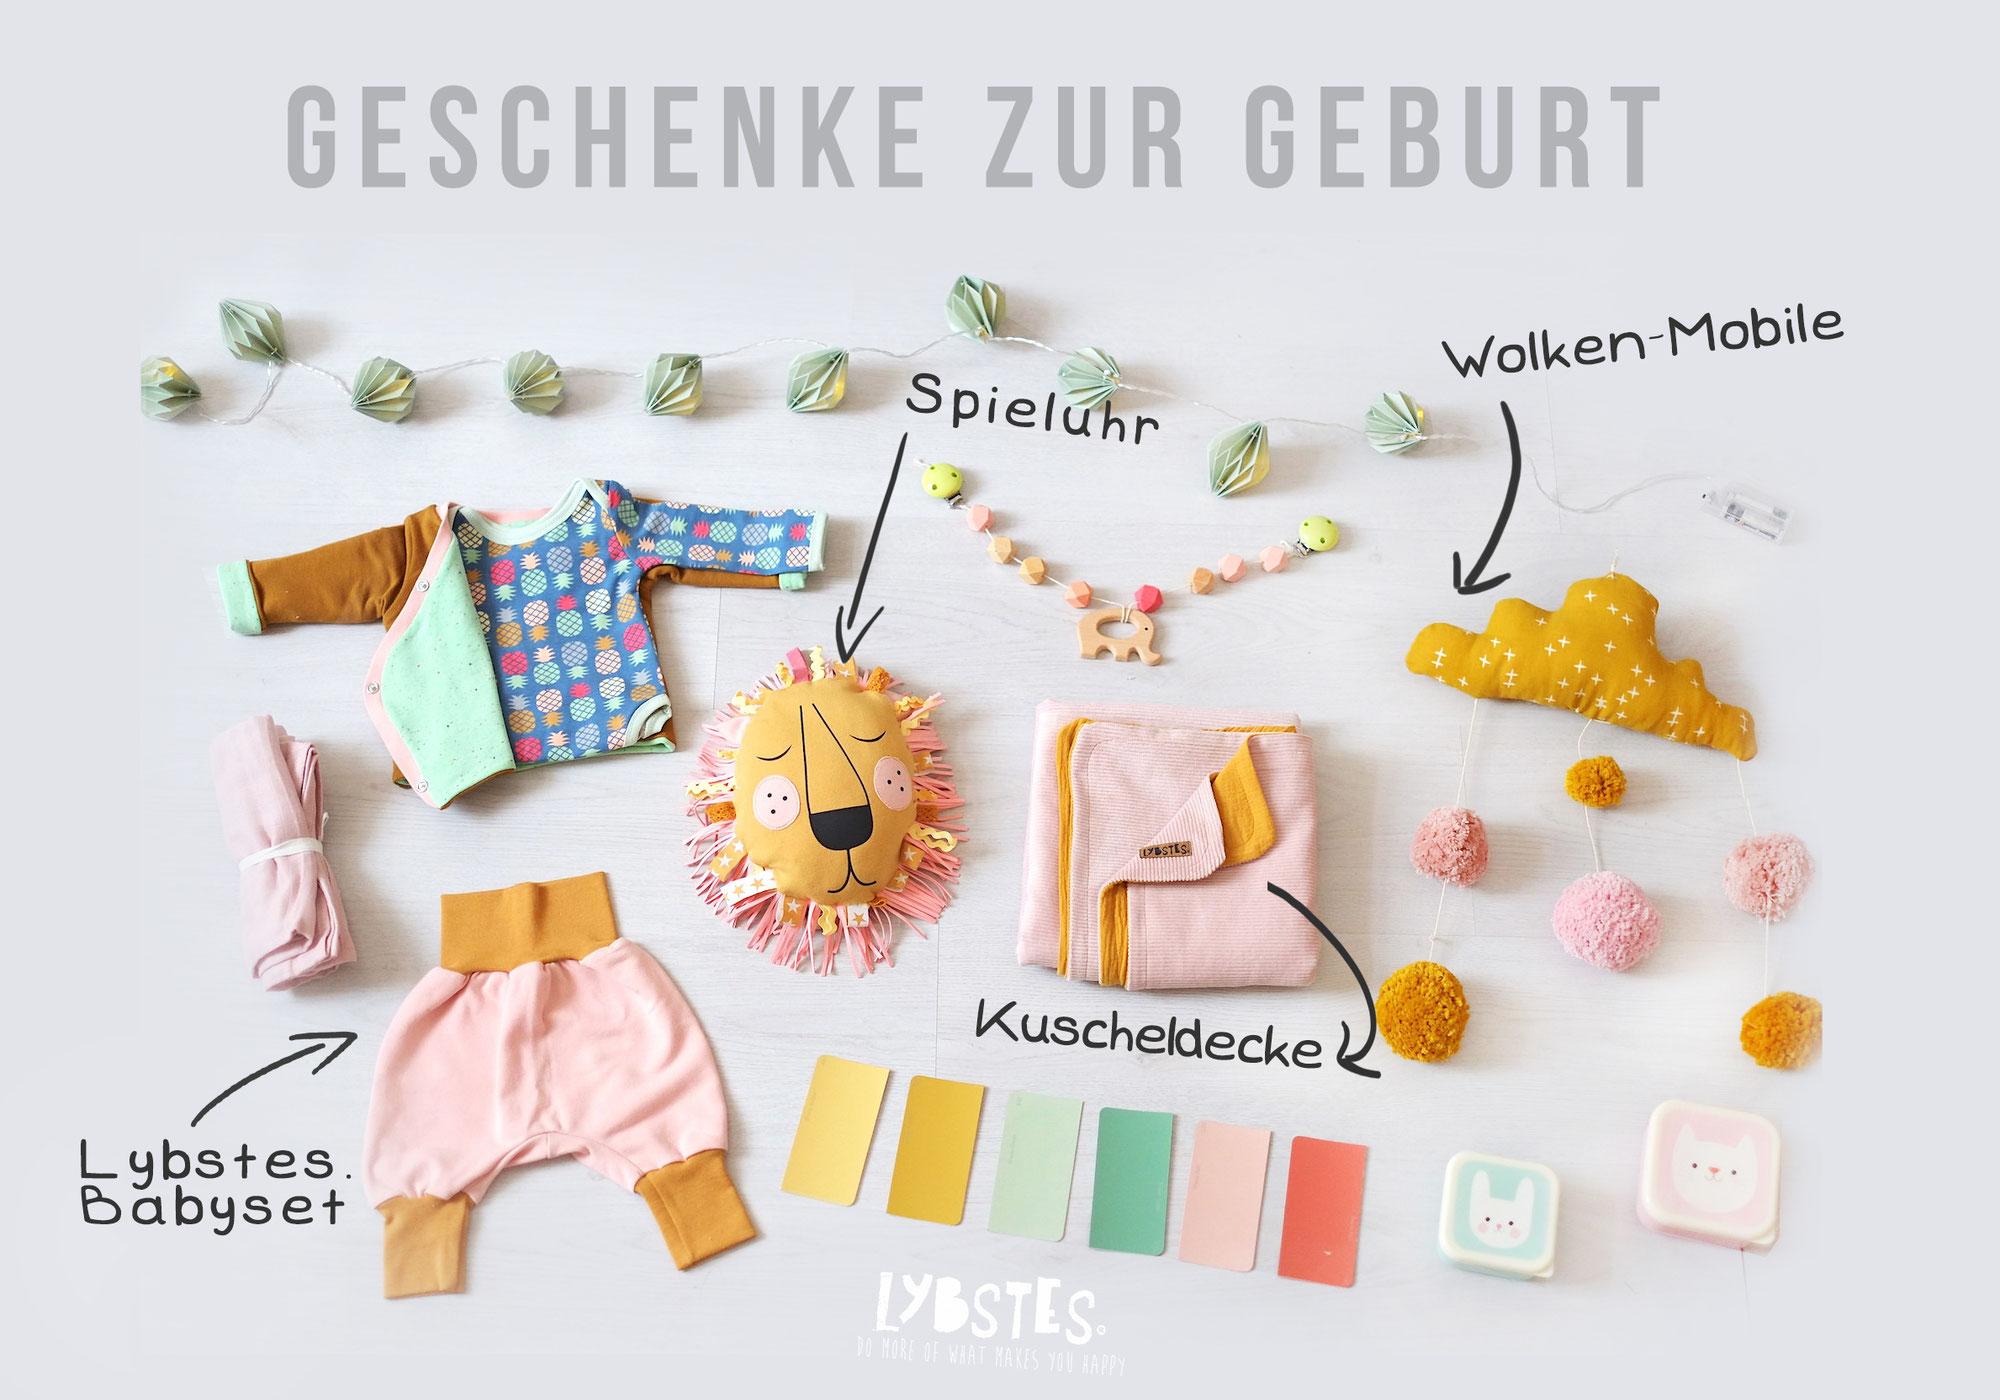 DIY: Geschenke zur Geburt selbermachen